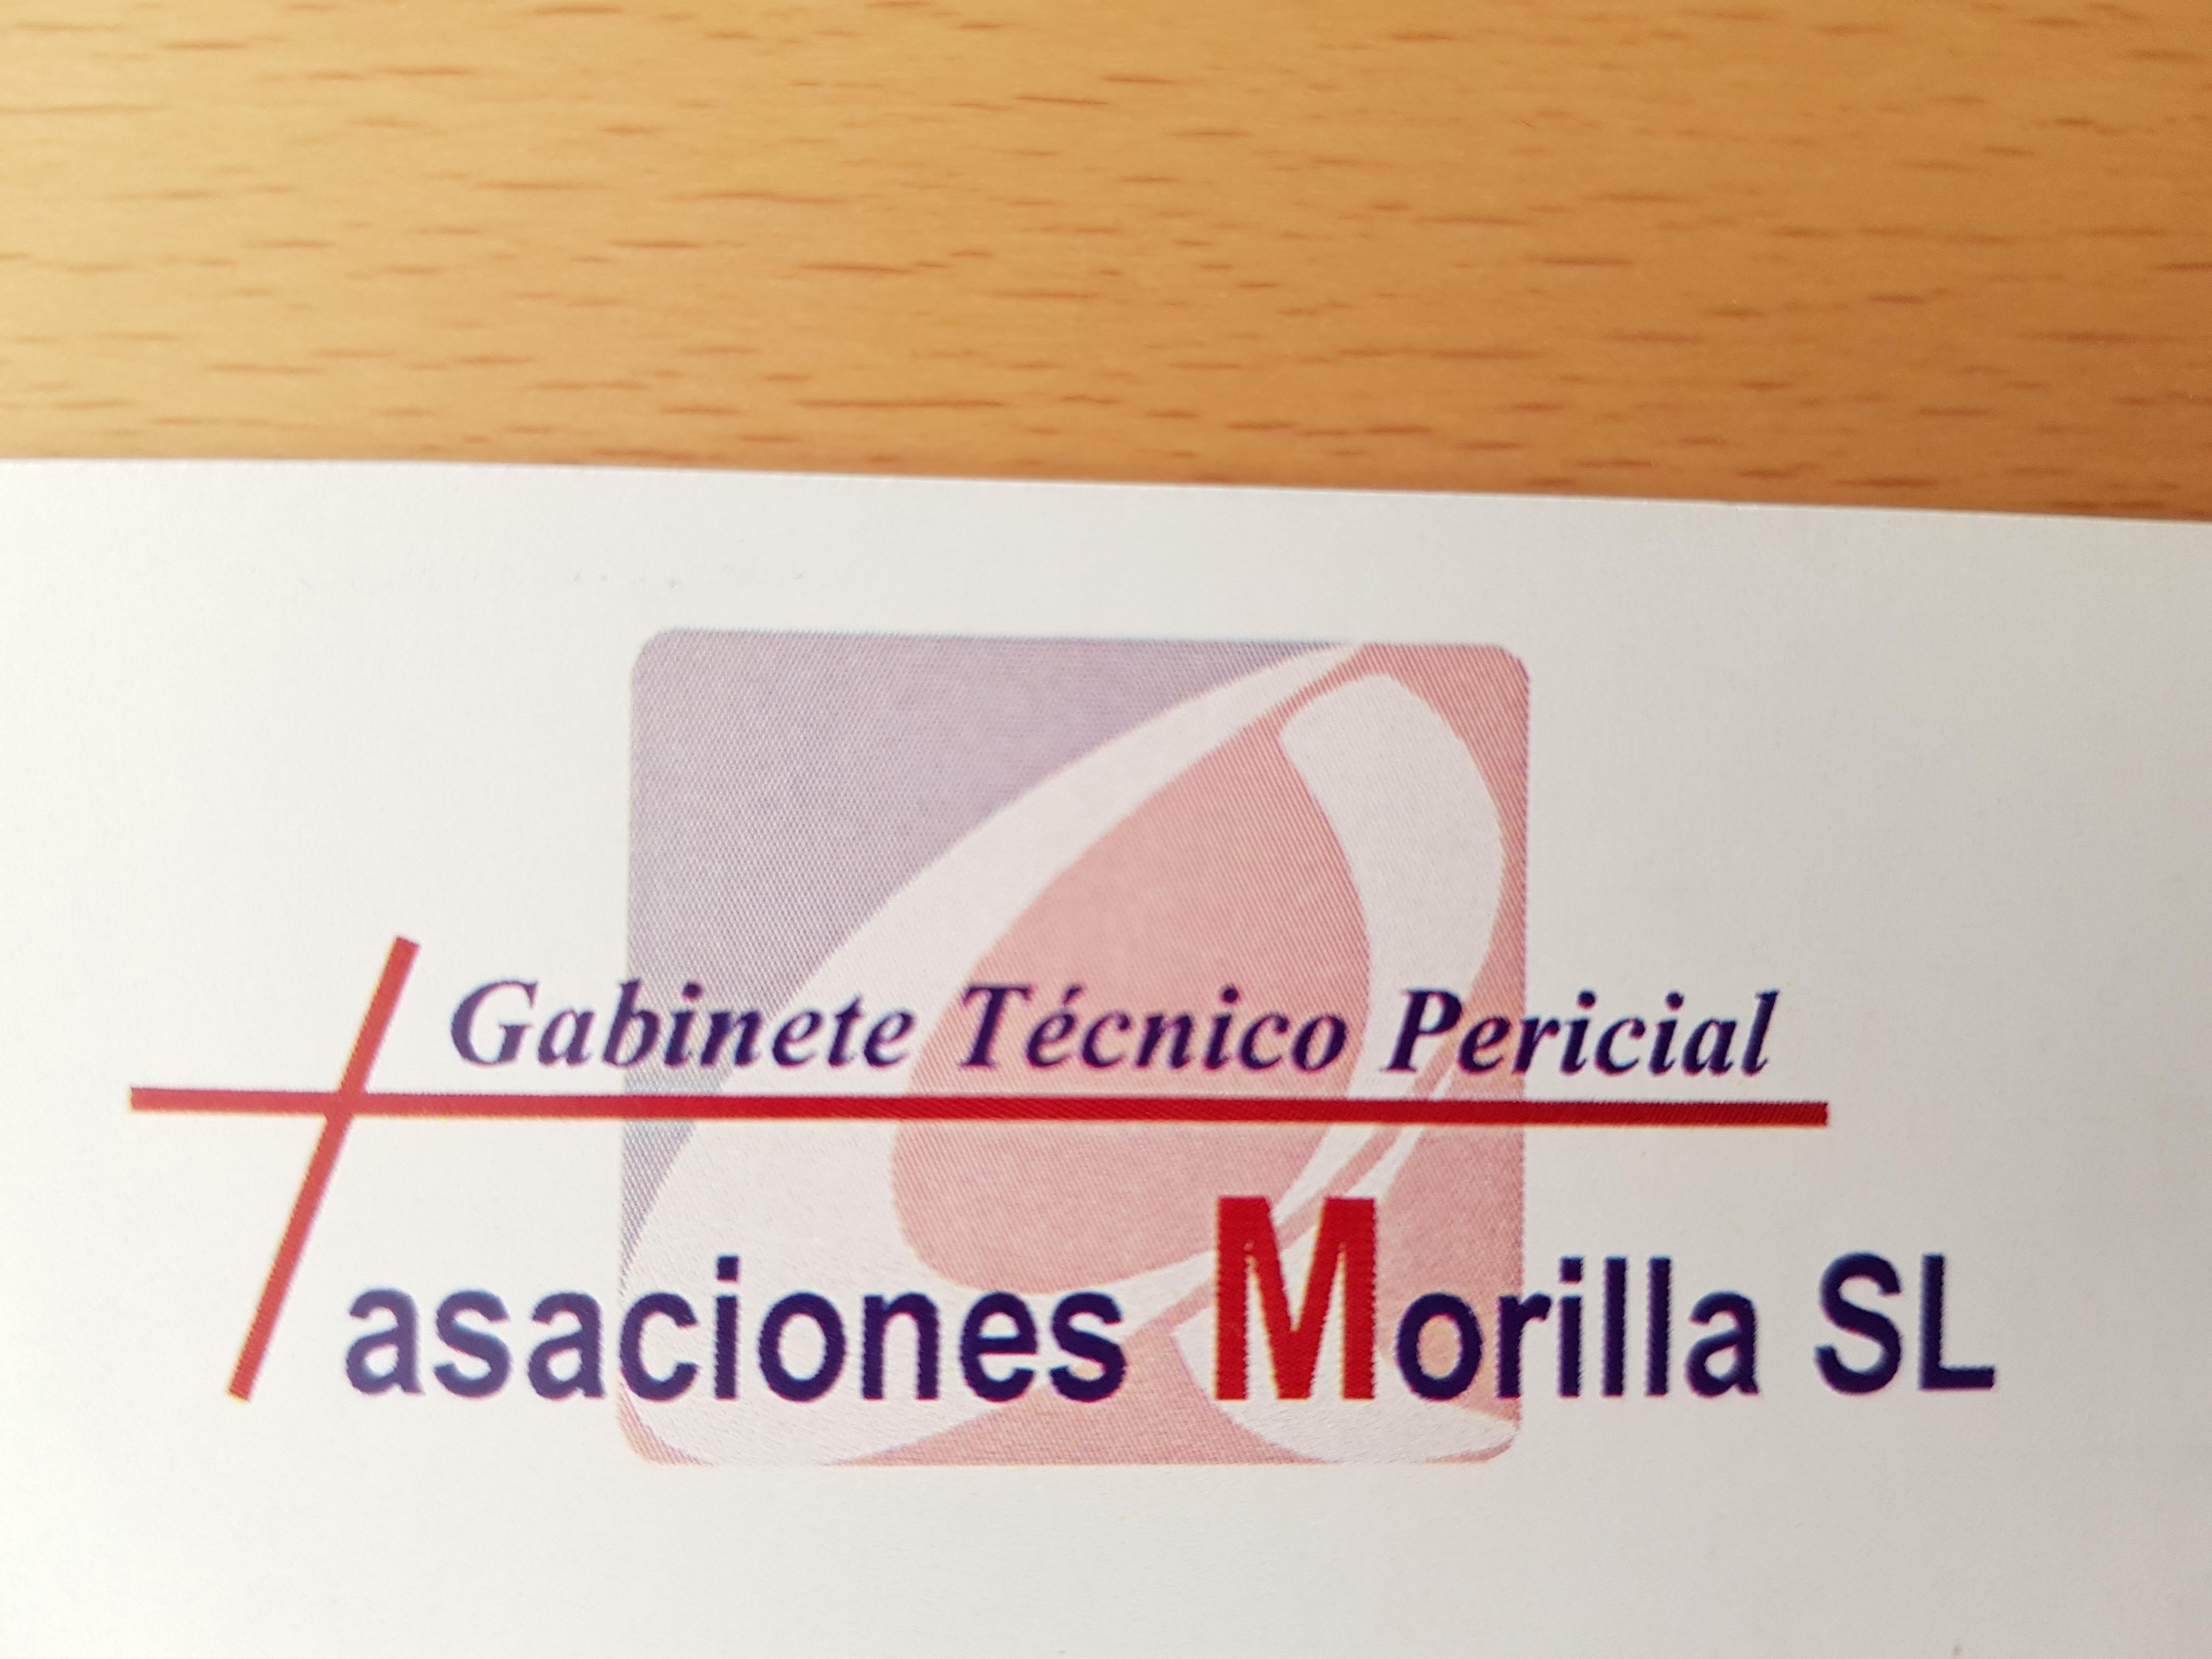 Tasaciones Morilla